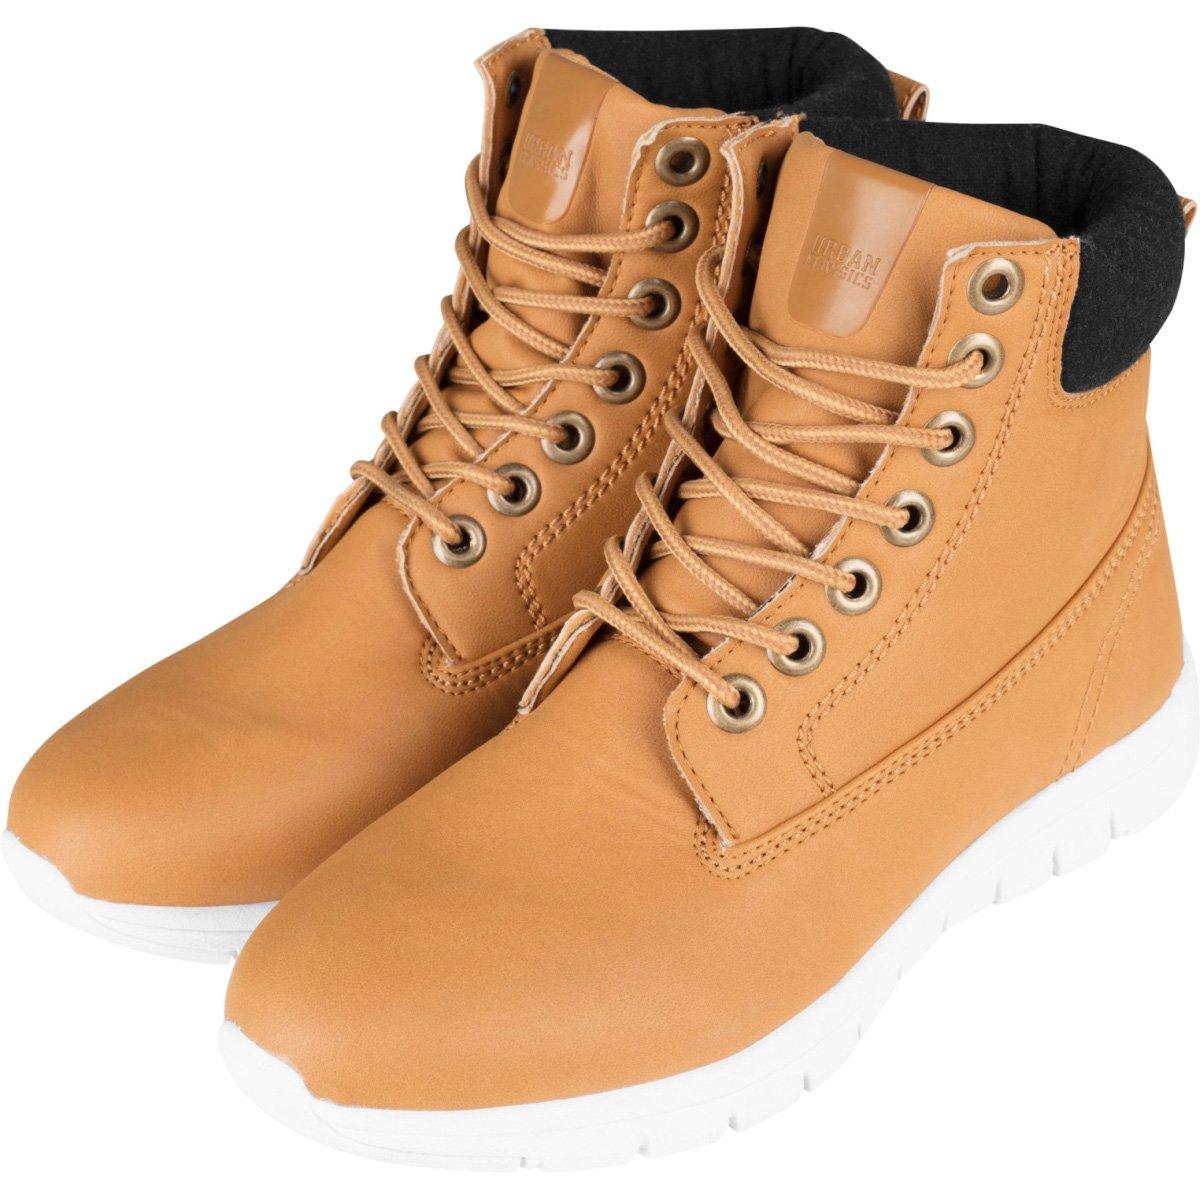 Hommes / femmes Urban Classics - WINTER Chaussures BOOTS Chaussures WINTER Nous avons gagné les éloges de nos clients. excellent Réputation fiable a9ece0